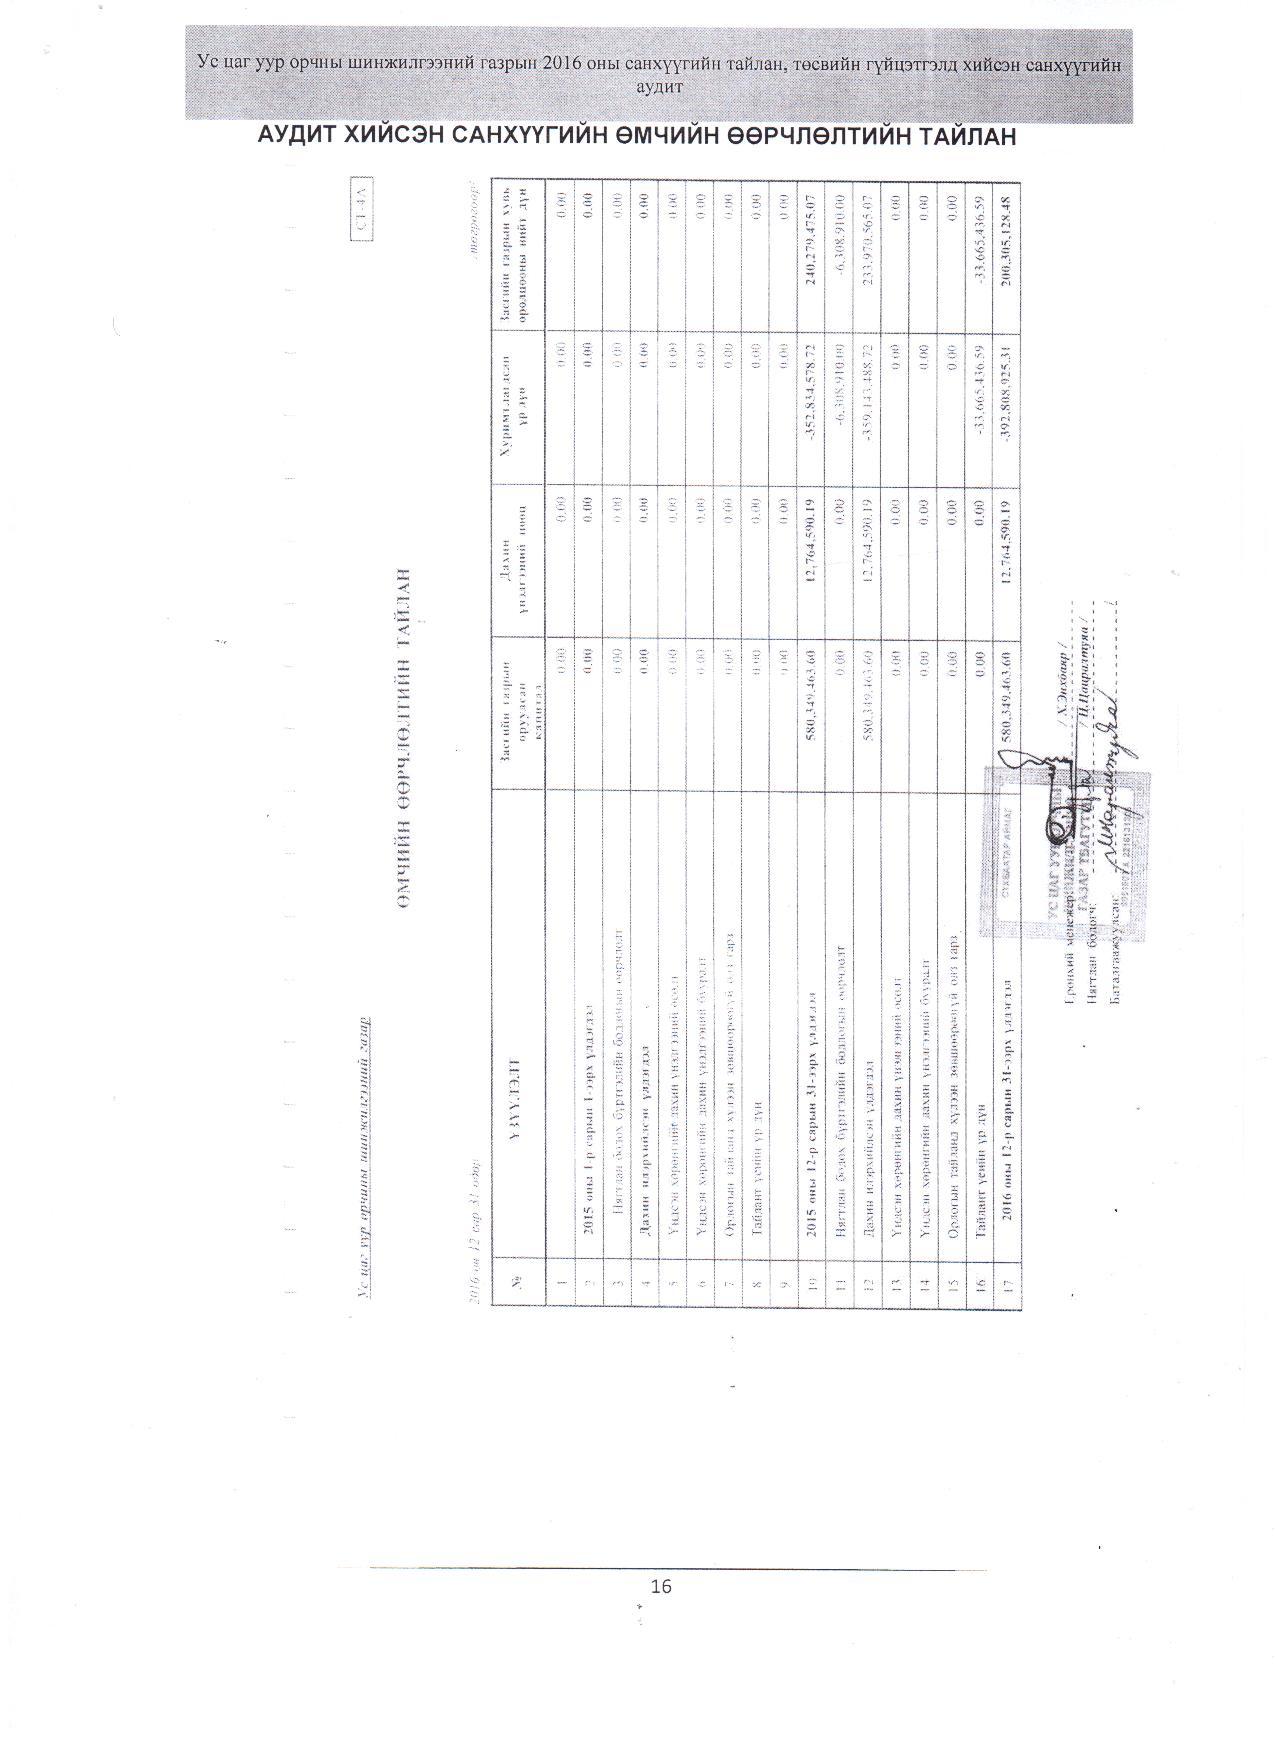 audit19